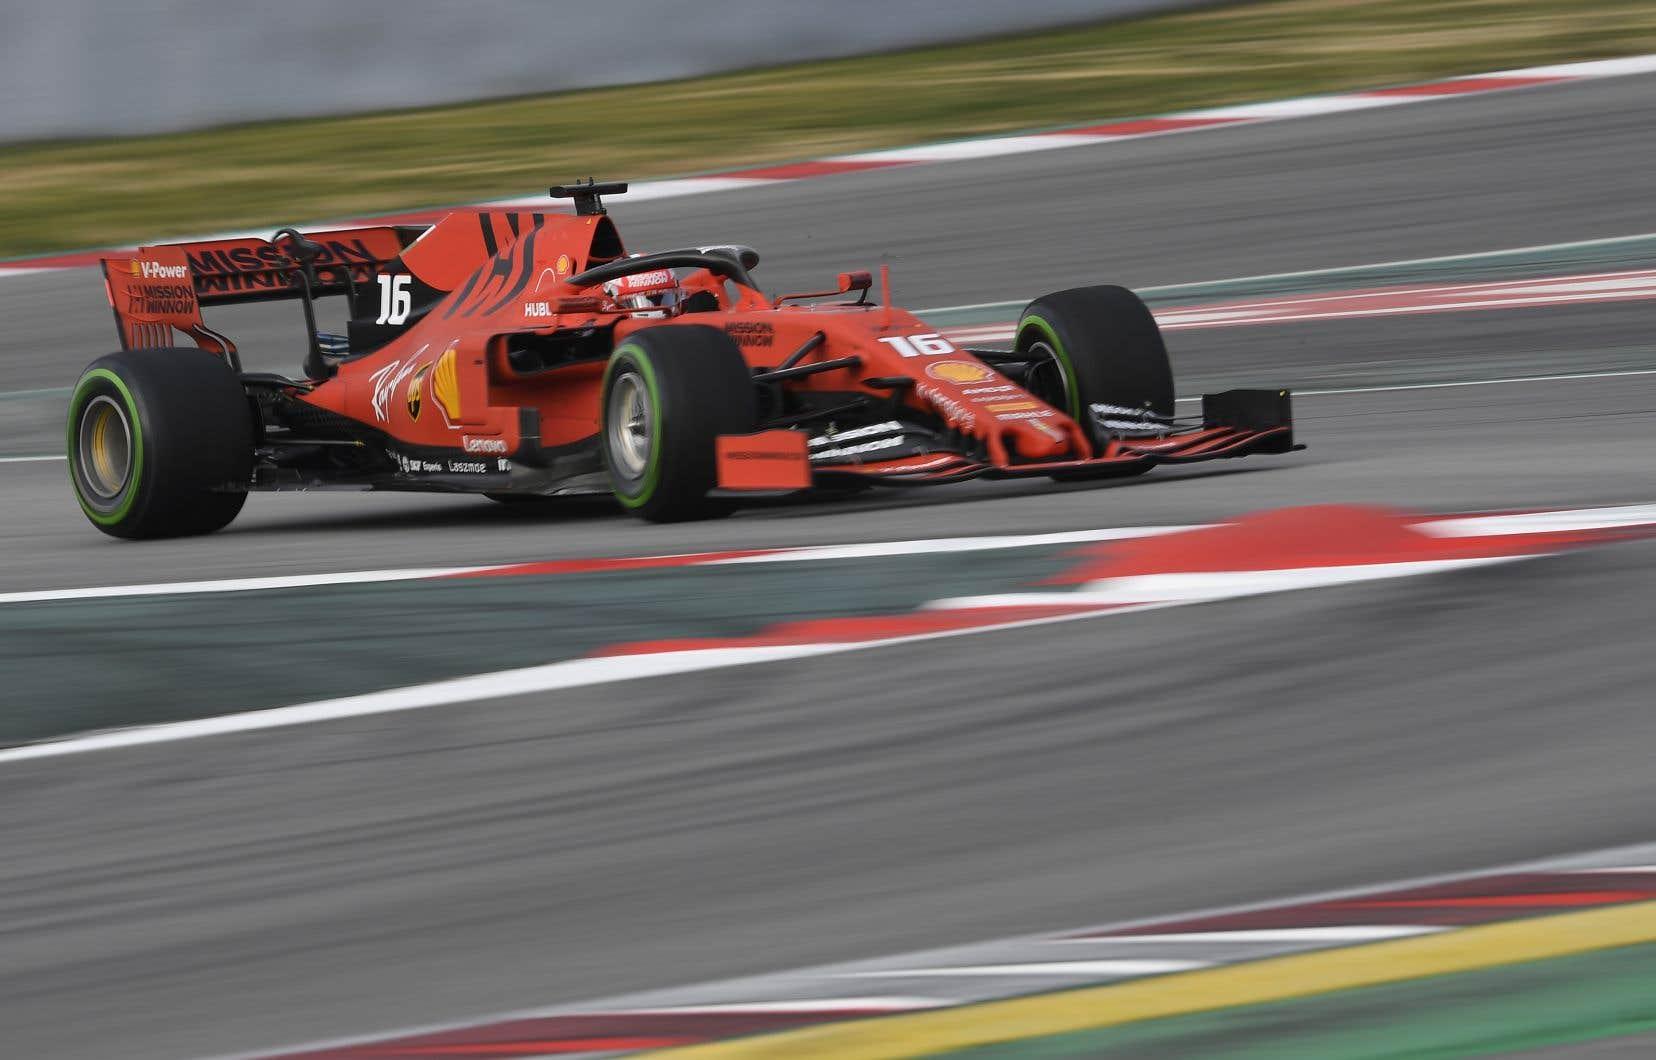 Le pilote Daniil Kvyat, de retour en F1 cette saison, a terminé le circuit Catalunya en 1 min 17,704 s, retranchant ainsi 58 millièmes de seconde au temps du nouveau pilote Alfa Romeo Kimi Räikkönen.